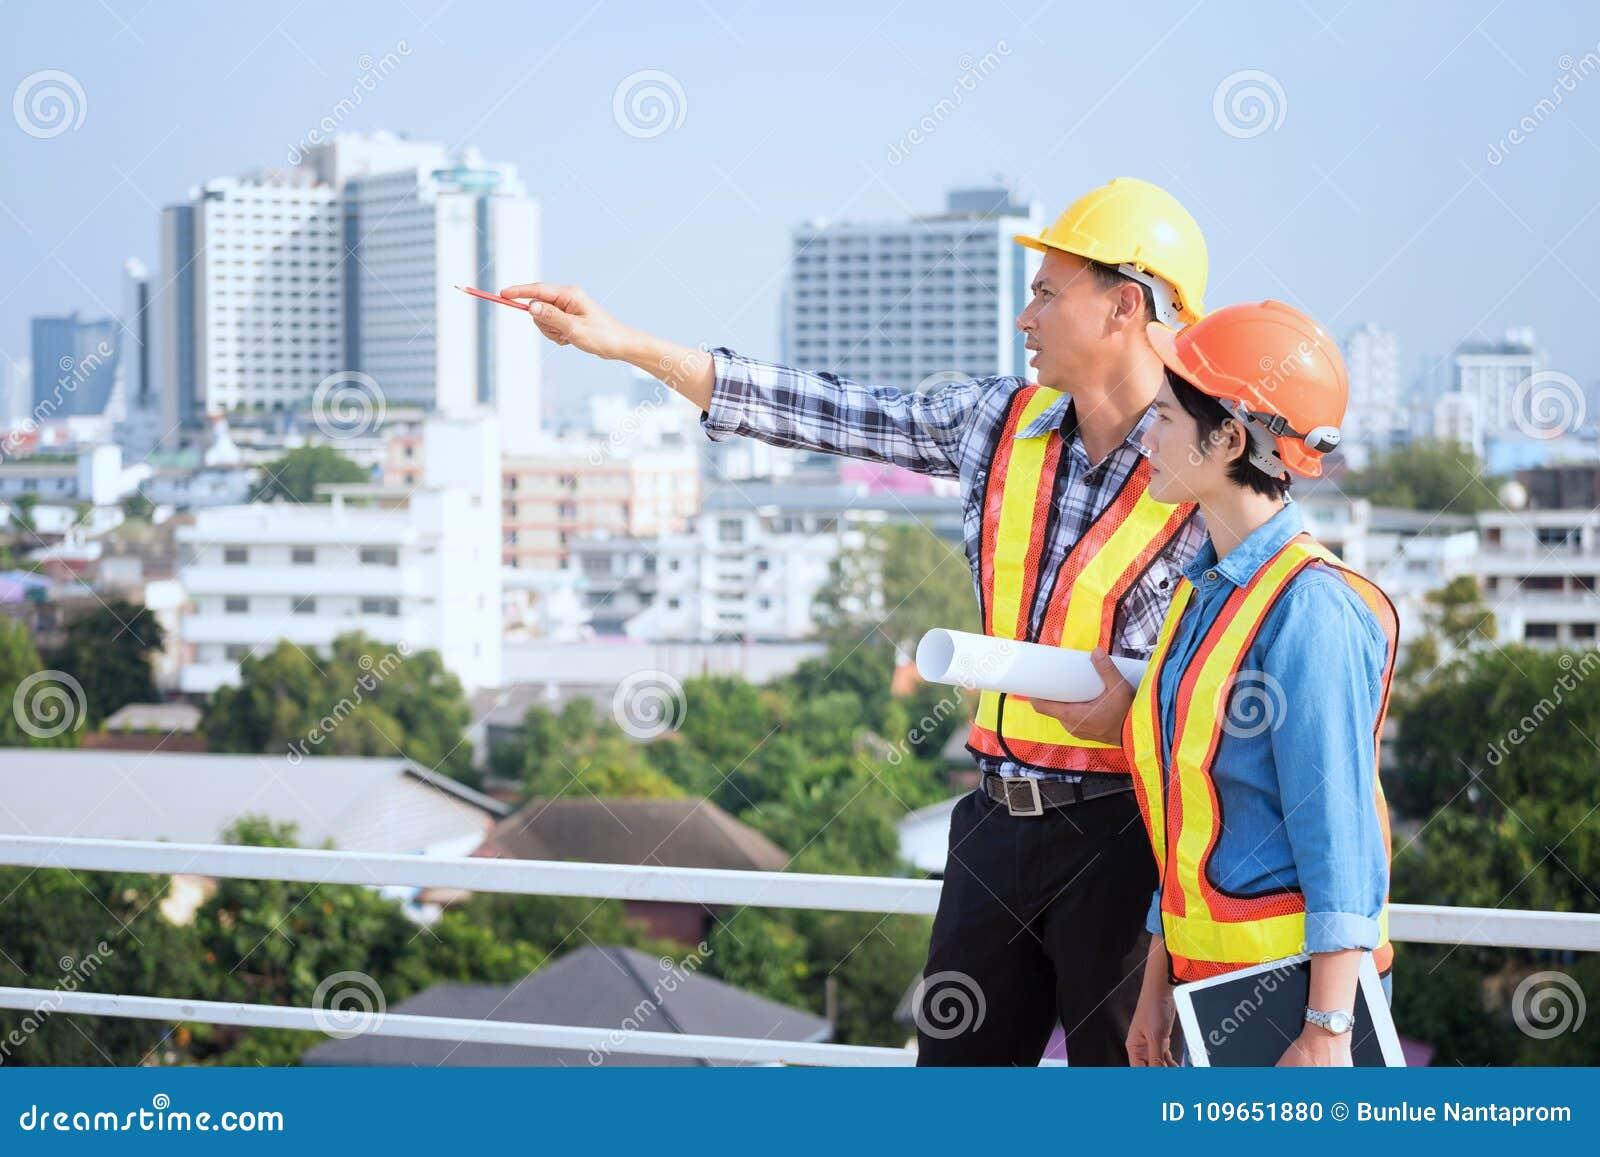 Ingenieure sind, schauend zu Hause treffend, bearbeitend und Plan herein